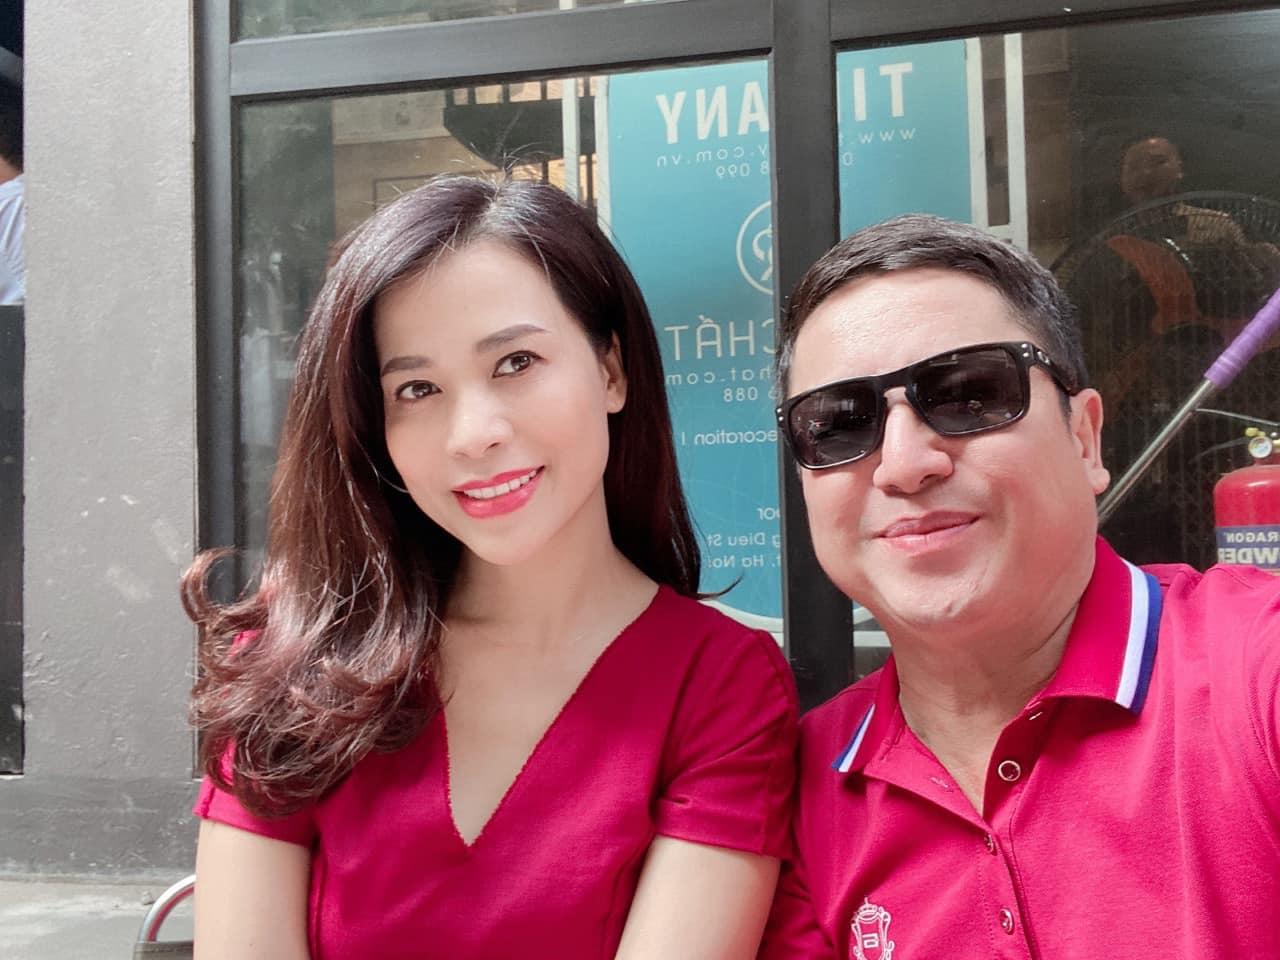 Những khoảnh khắc ngọt ngào của Danh hài Chí Trung và bạn gái kém 17 tuổi - Ảnh 3.